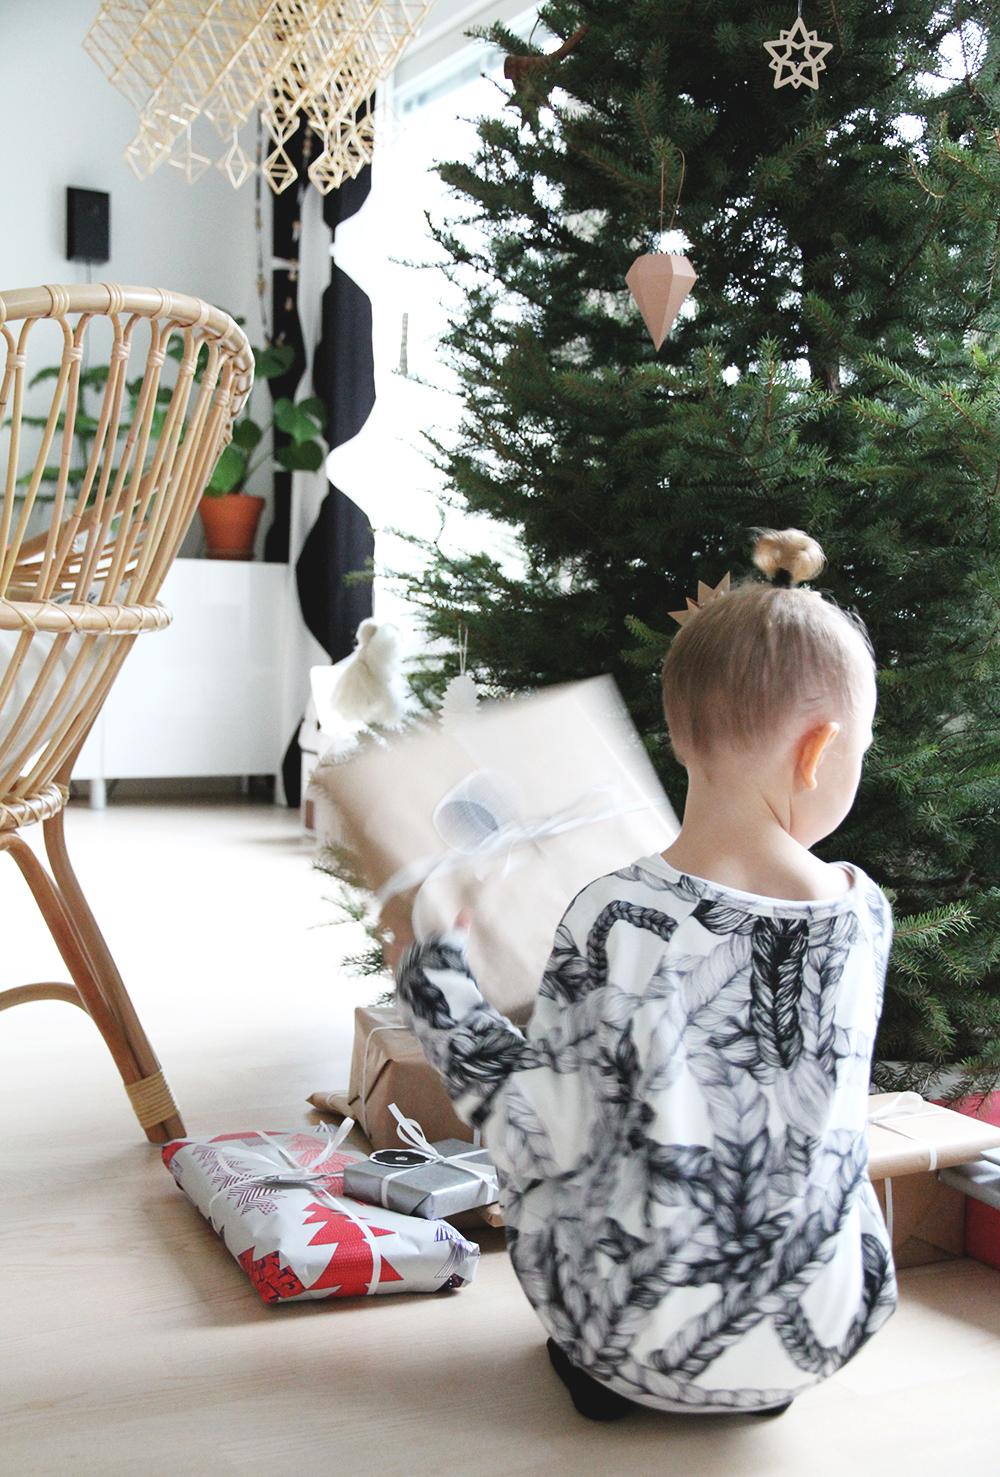 vimma sisustusblogi joulutunnelmat joulukuusi parolan rottinki himmeli vaneri koristeet